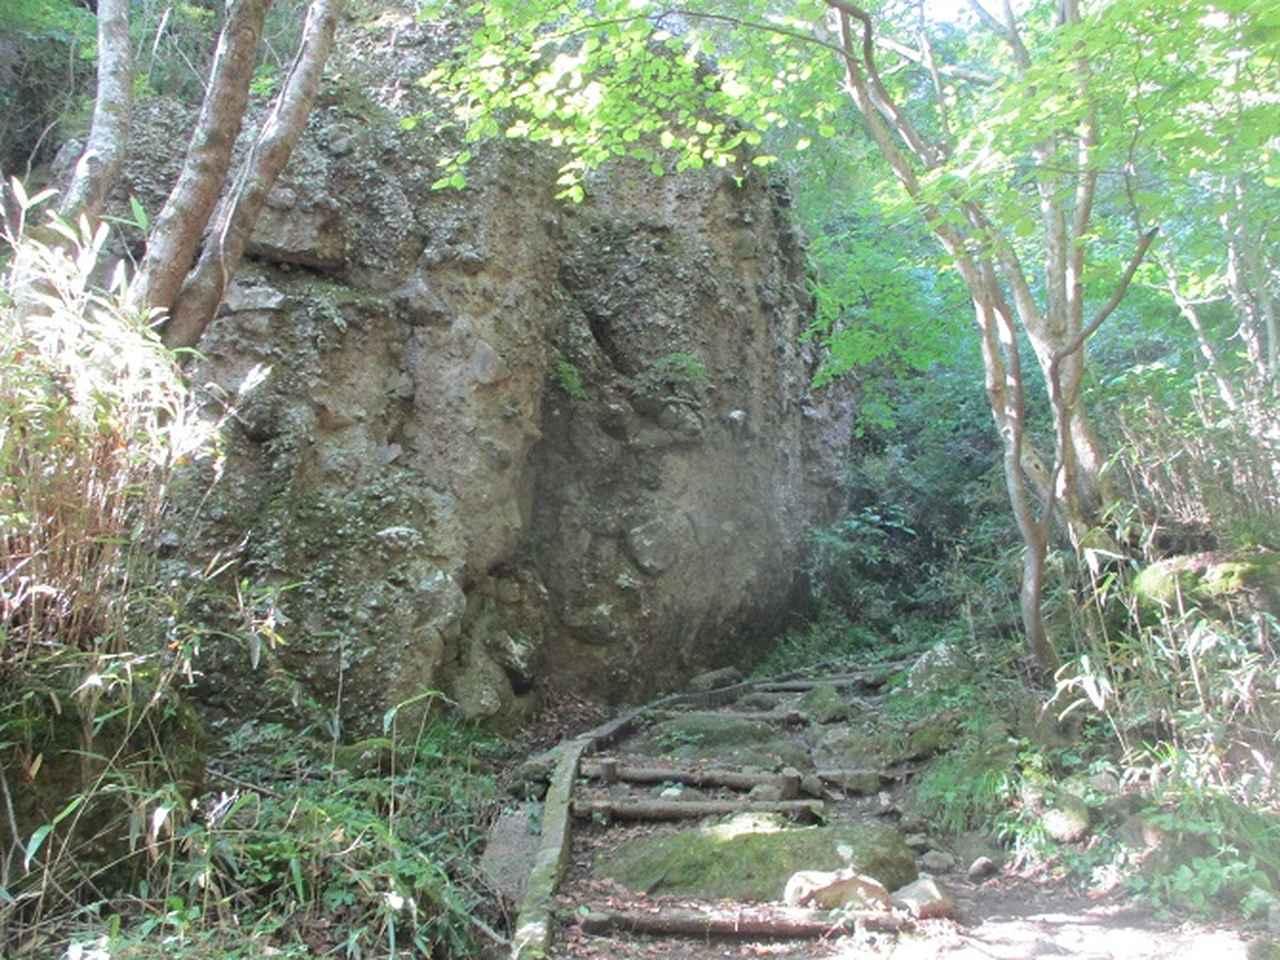 画像2: 11月の山旅会少人数ツアー 「霊山(りょうぜん)」 の下見にいってきました!